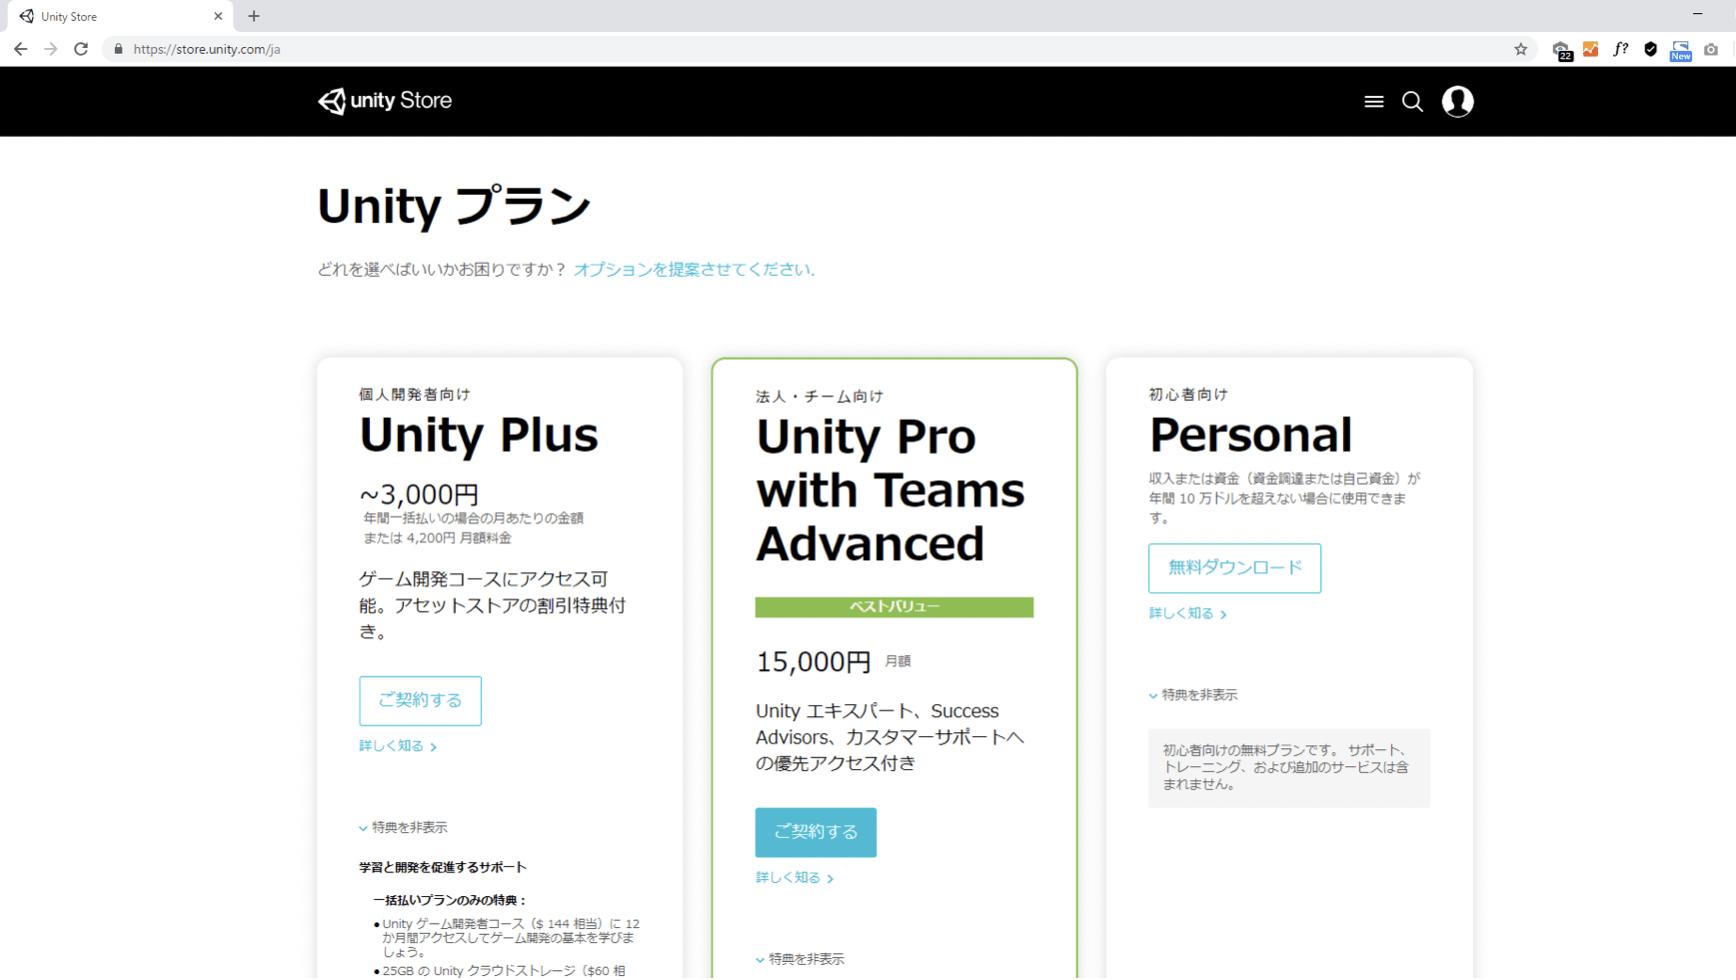 右上「新規」ボタンをクリックして「C:¥Program Files¥Nuitrack¥nuitrack¥nuitrack¥bin」と入力後「OK」をクリック